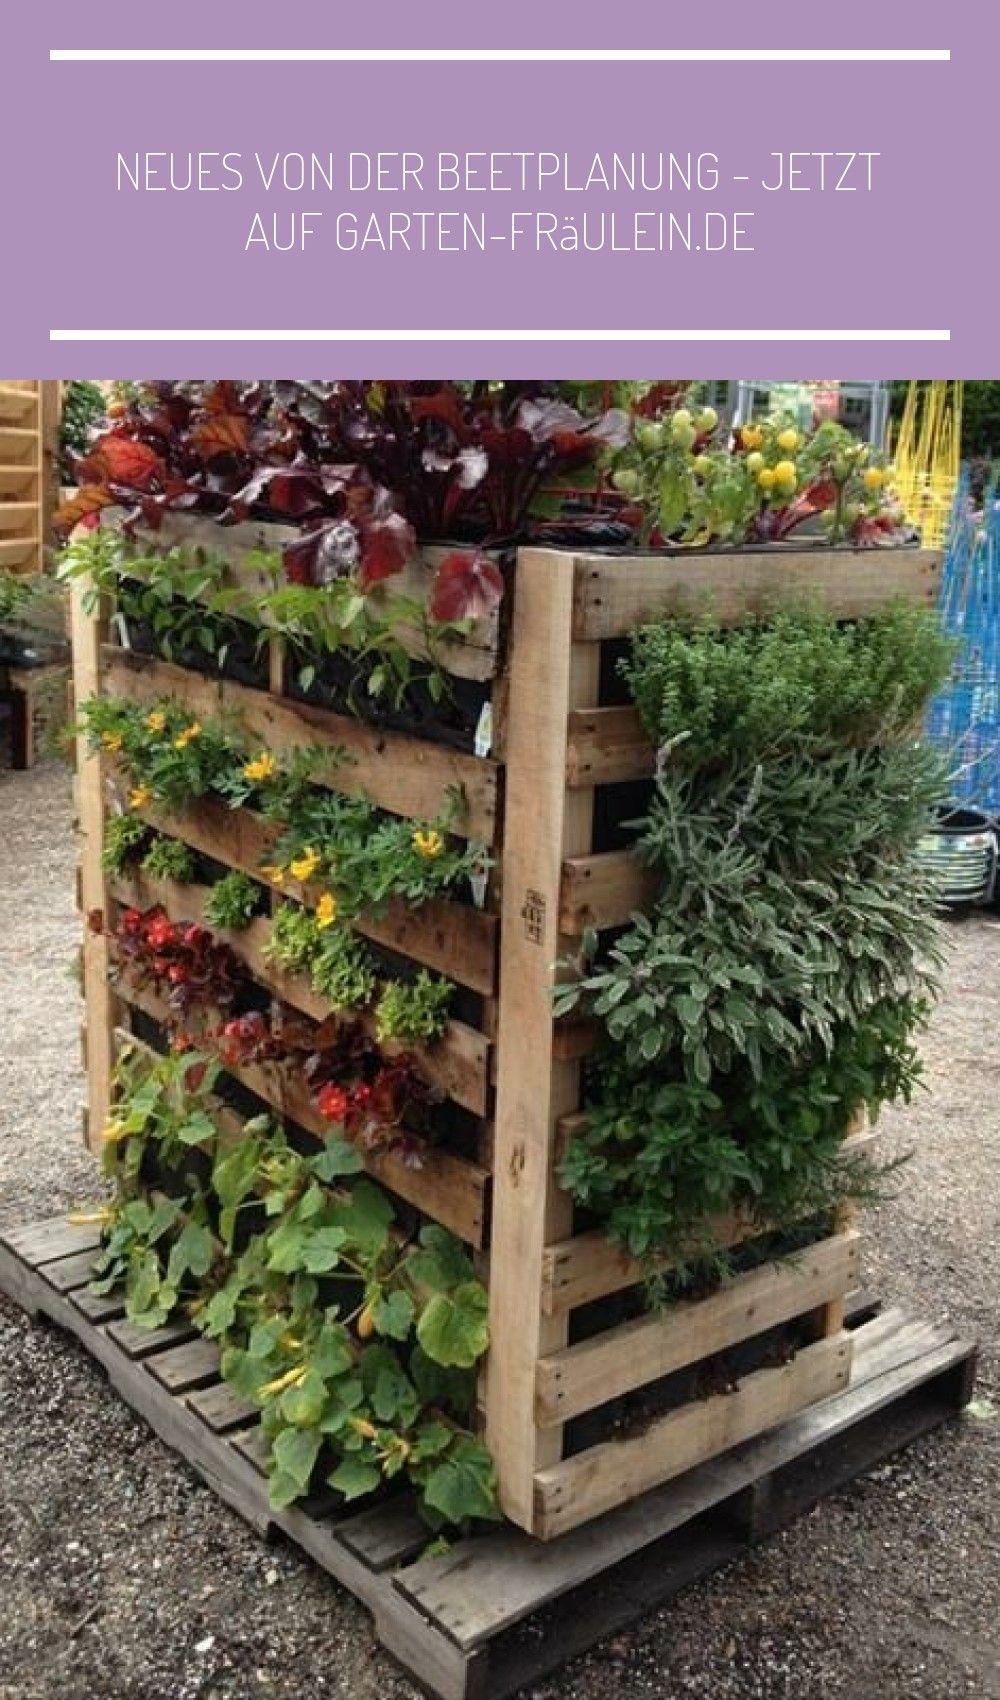 Europaletten Gartendesign Vertikaler Blumenbeet Anlegen Garten Cool Und Diy Ausvertikaler Gart Herb Garden Pallet Vertical Herb Garden Pallets Garden